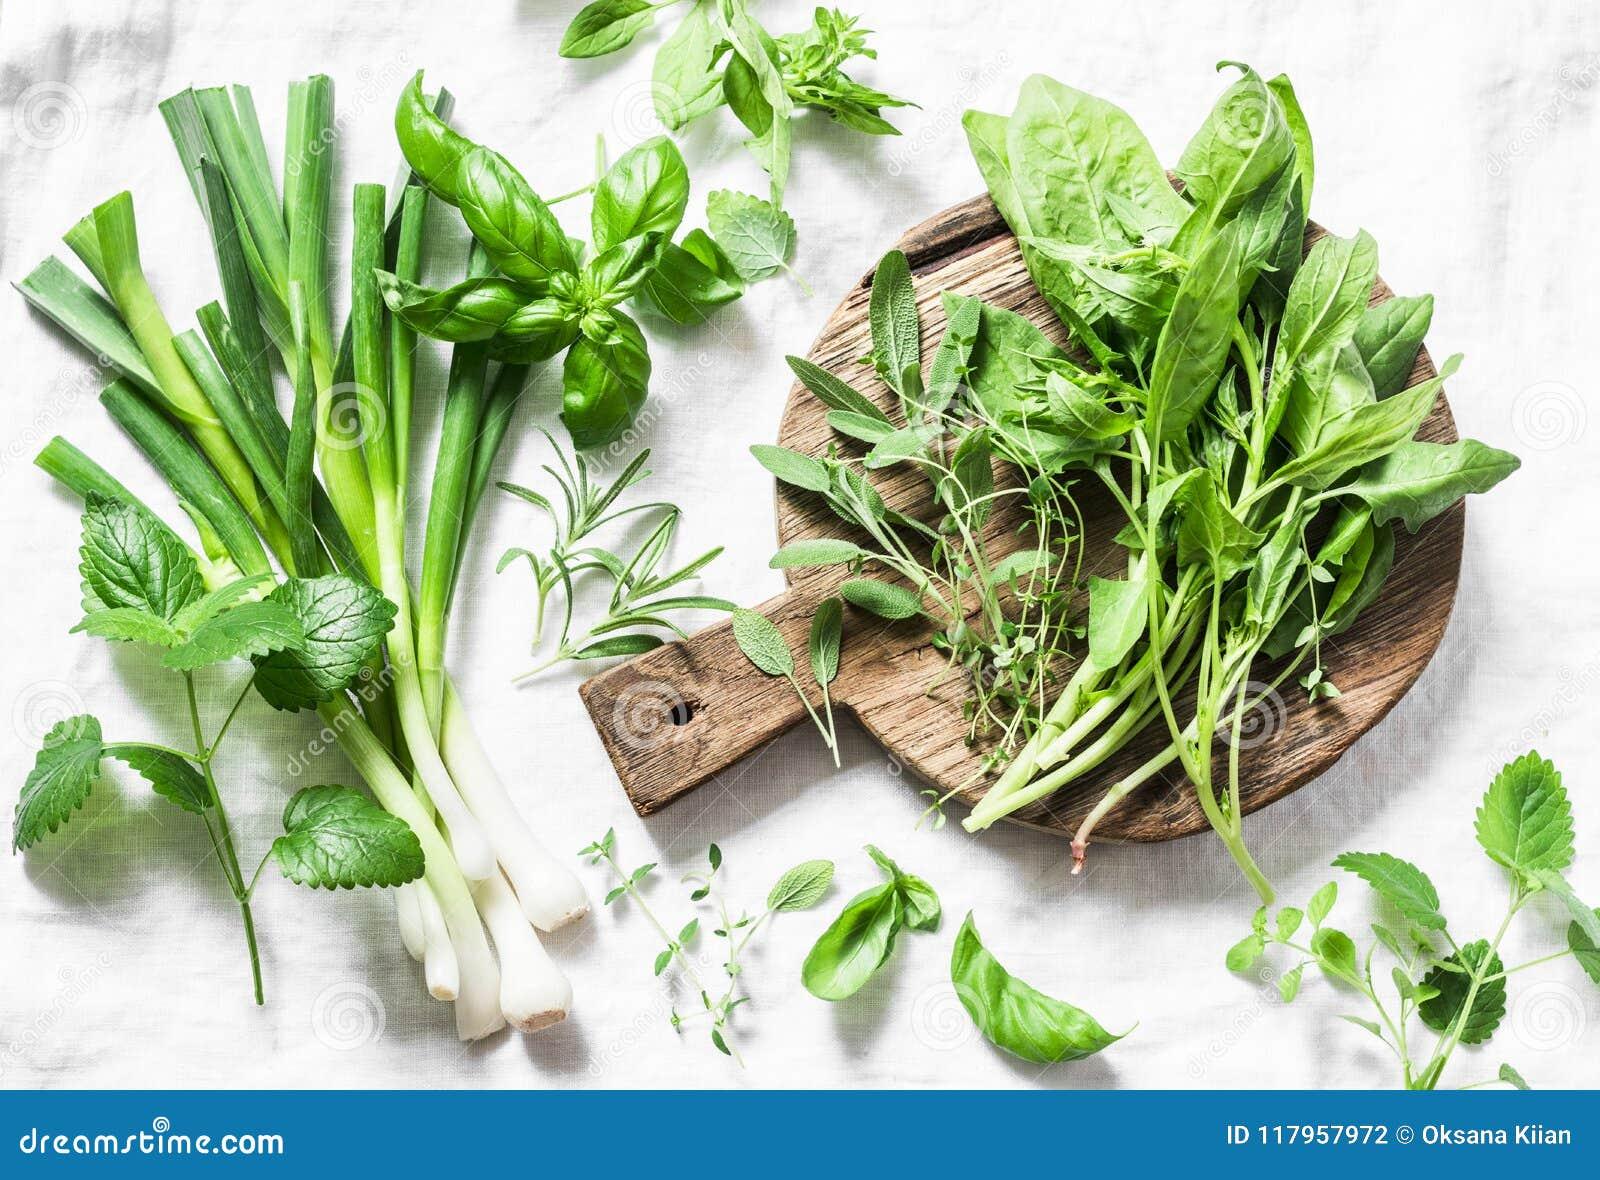 Gartenkräuter - Spinat, Basilikum, Thymian, Rosmarin, Salbei, Minze, Zwiebel, Knoblauch auf einem hellen Hintergrund, Draufsicht